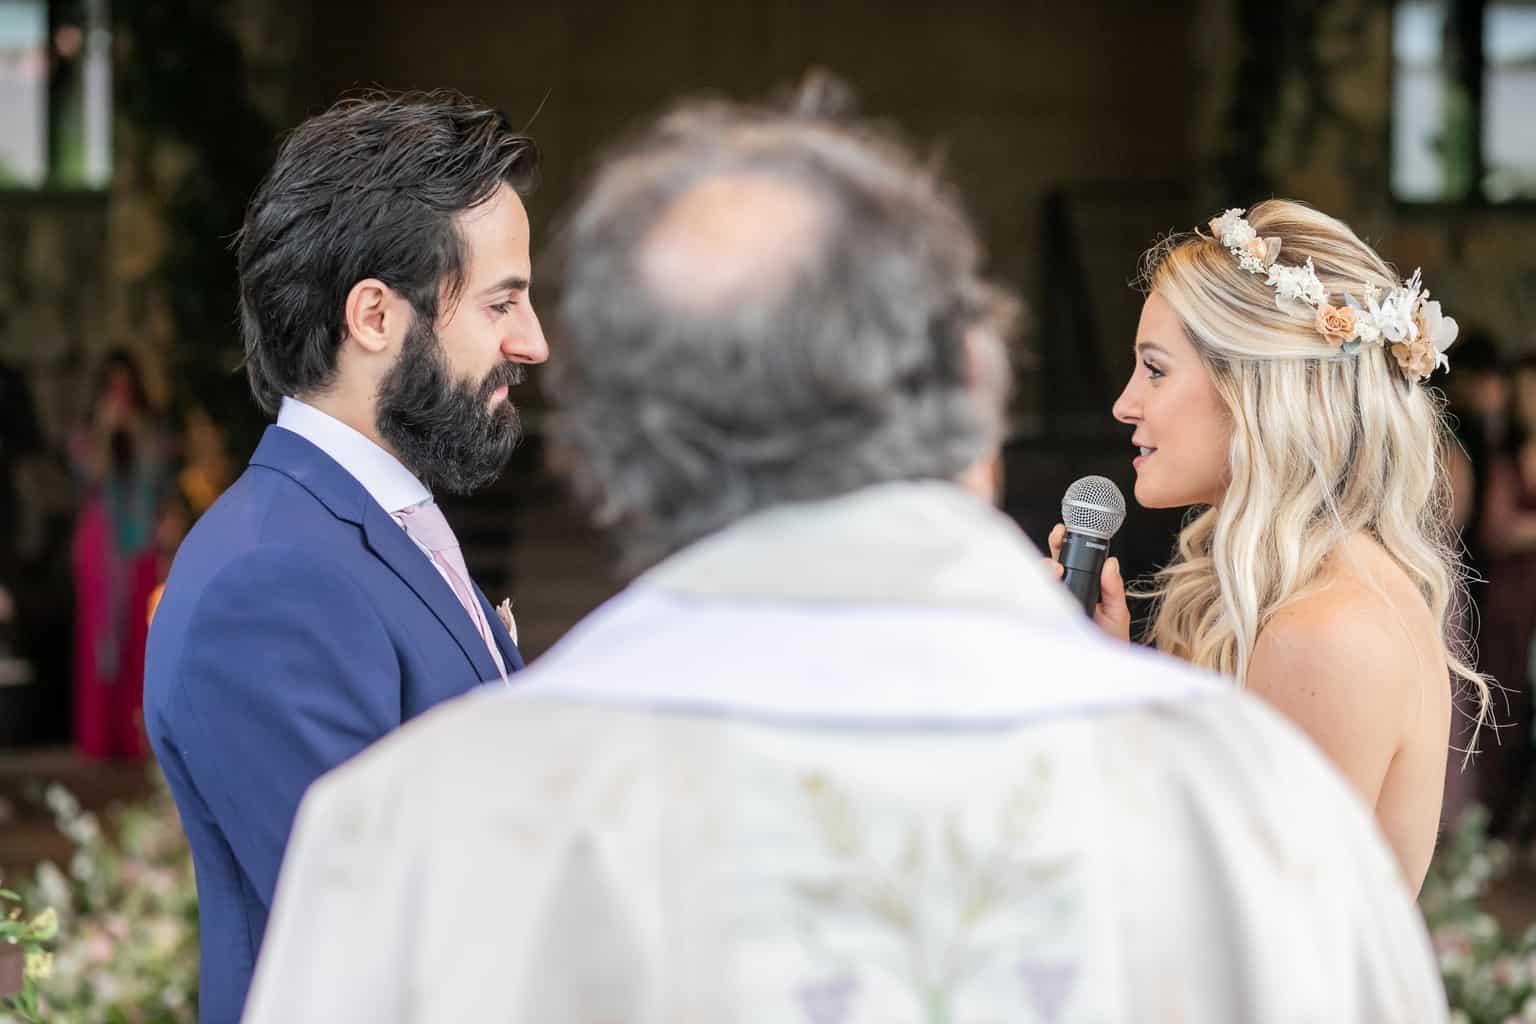 Casamento-Milene-e-Leonardo-cerimonia-ao-ar-livre-decoracao-da-festa-Roberto-Tamer-terras-claras186